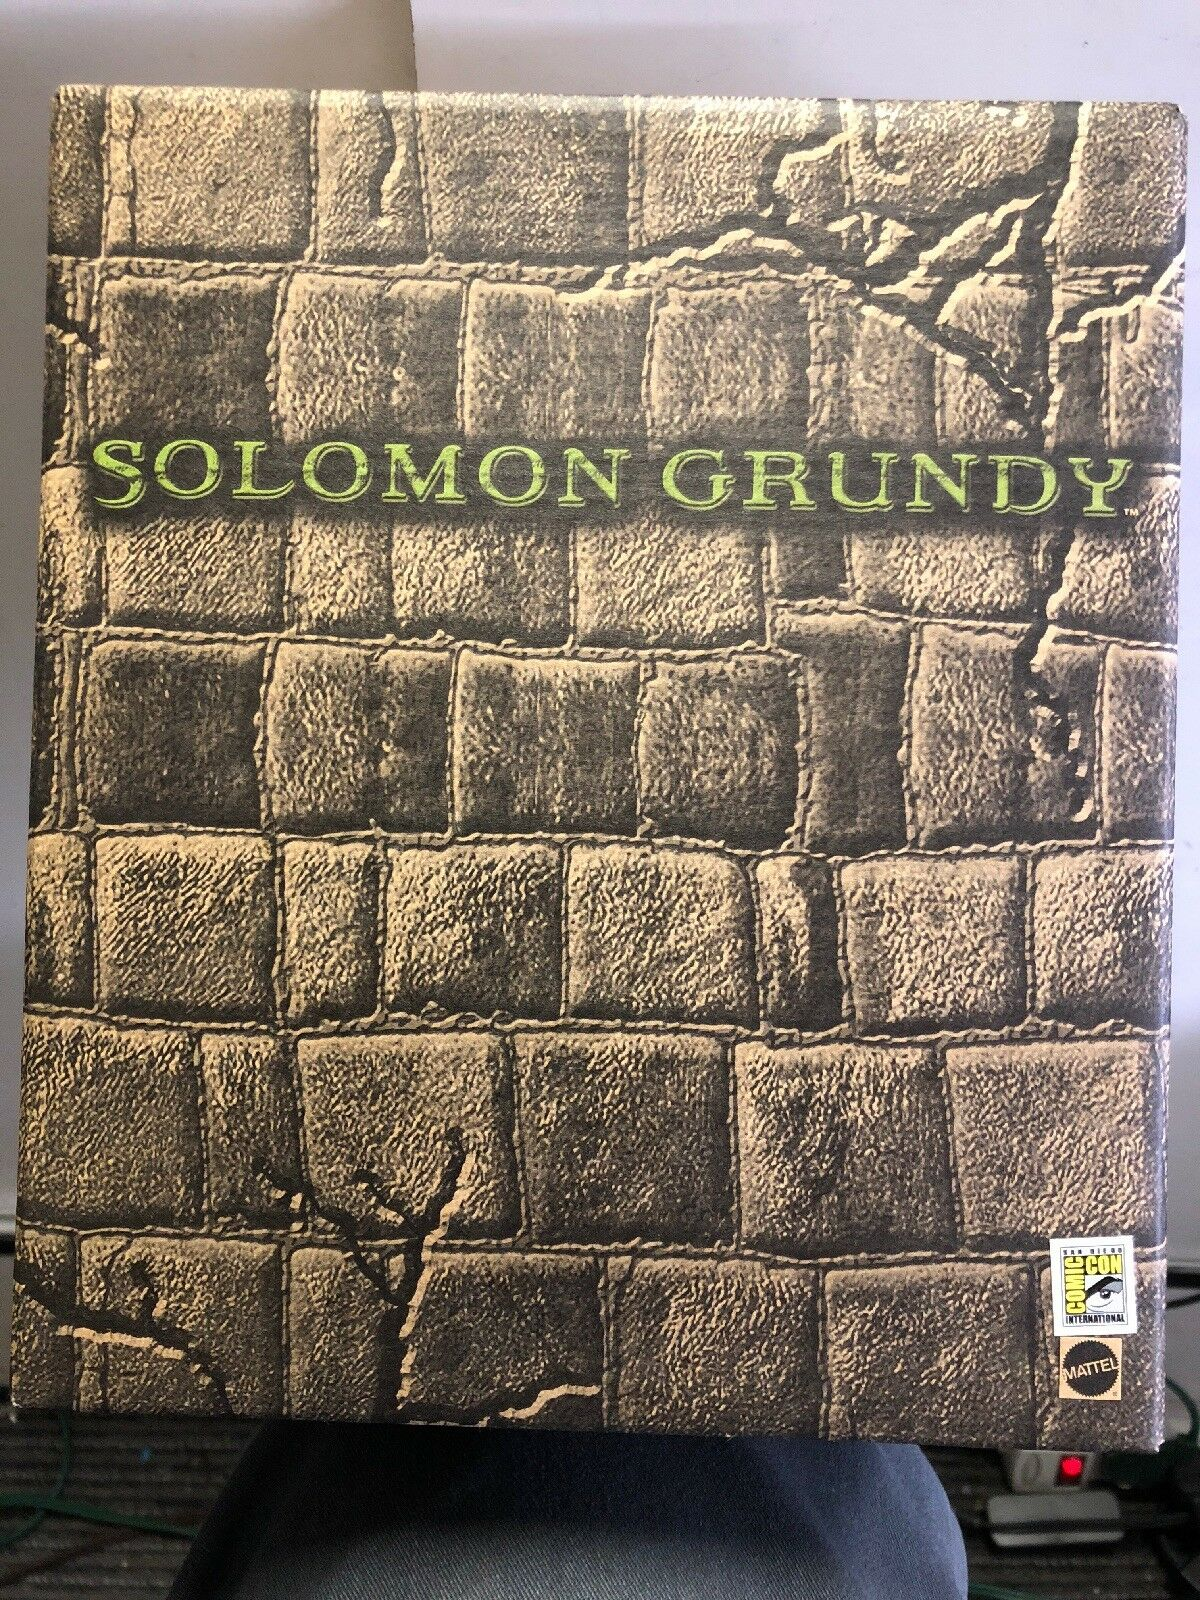 Solomon grundy mattel gerechtigkeitsliga unbegrenzte dc - comic - con in san diego